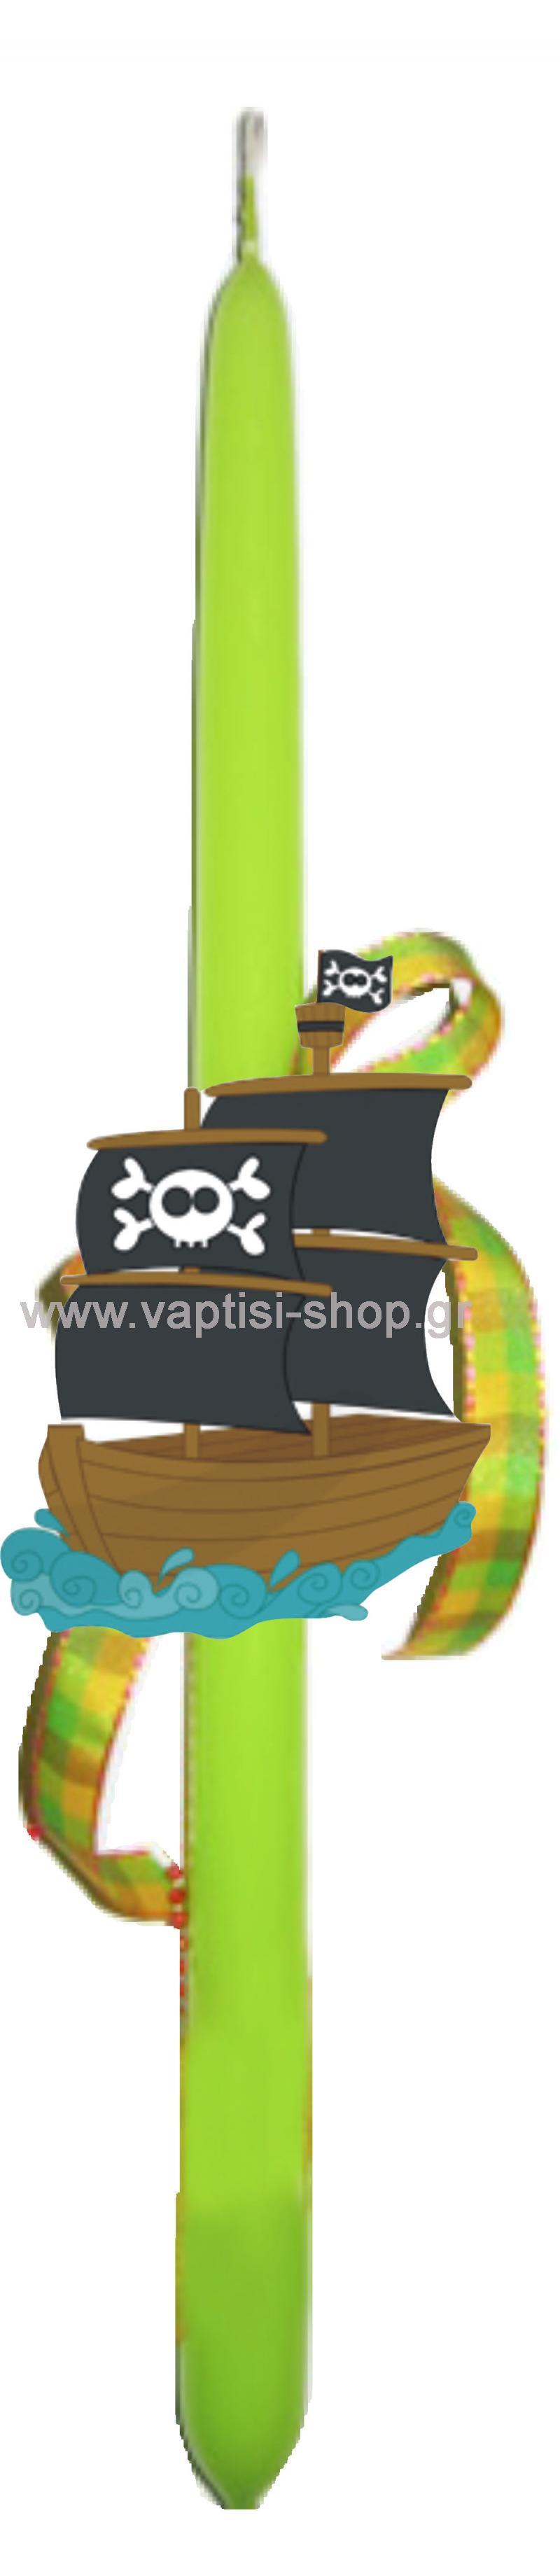 Πασχαλινή Λαμπάδα Πειρατικό Καράβι 2